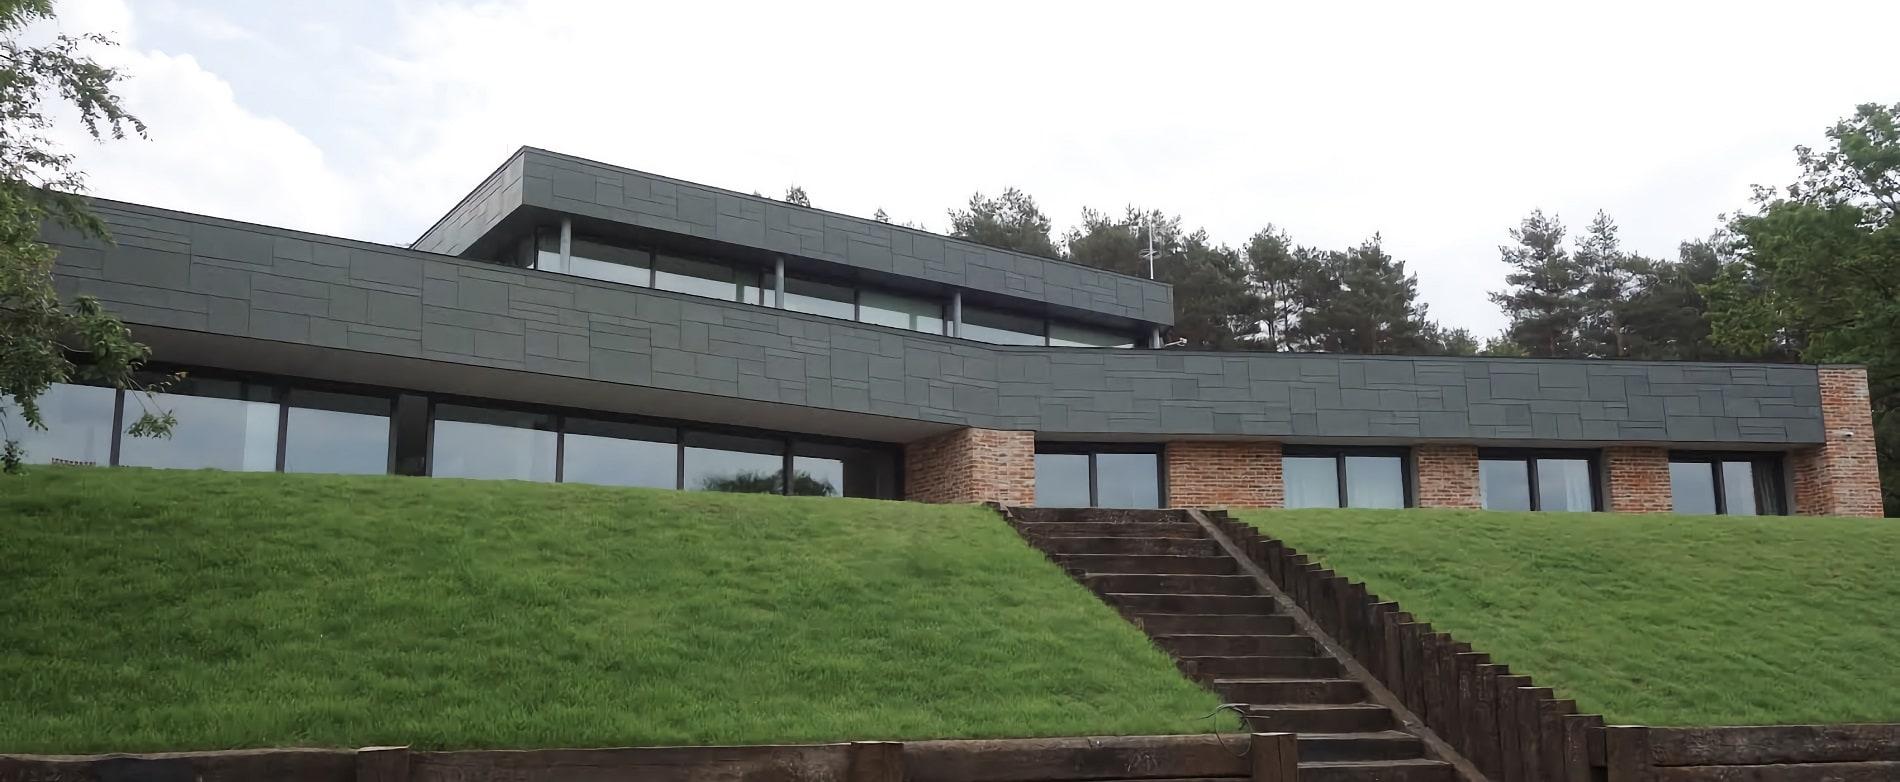 projekt architektoniczny wnętrza Rezydencja pod Poznaniem - projektowanie wnętrz Prima Wrocław